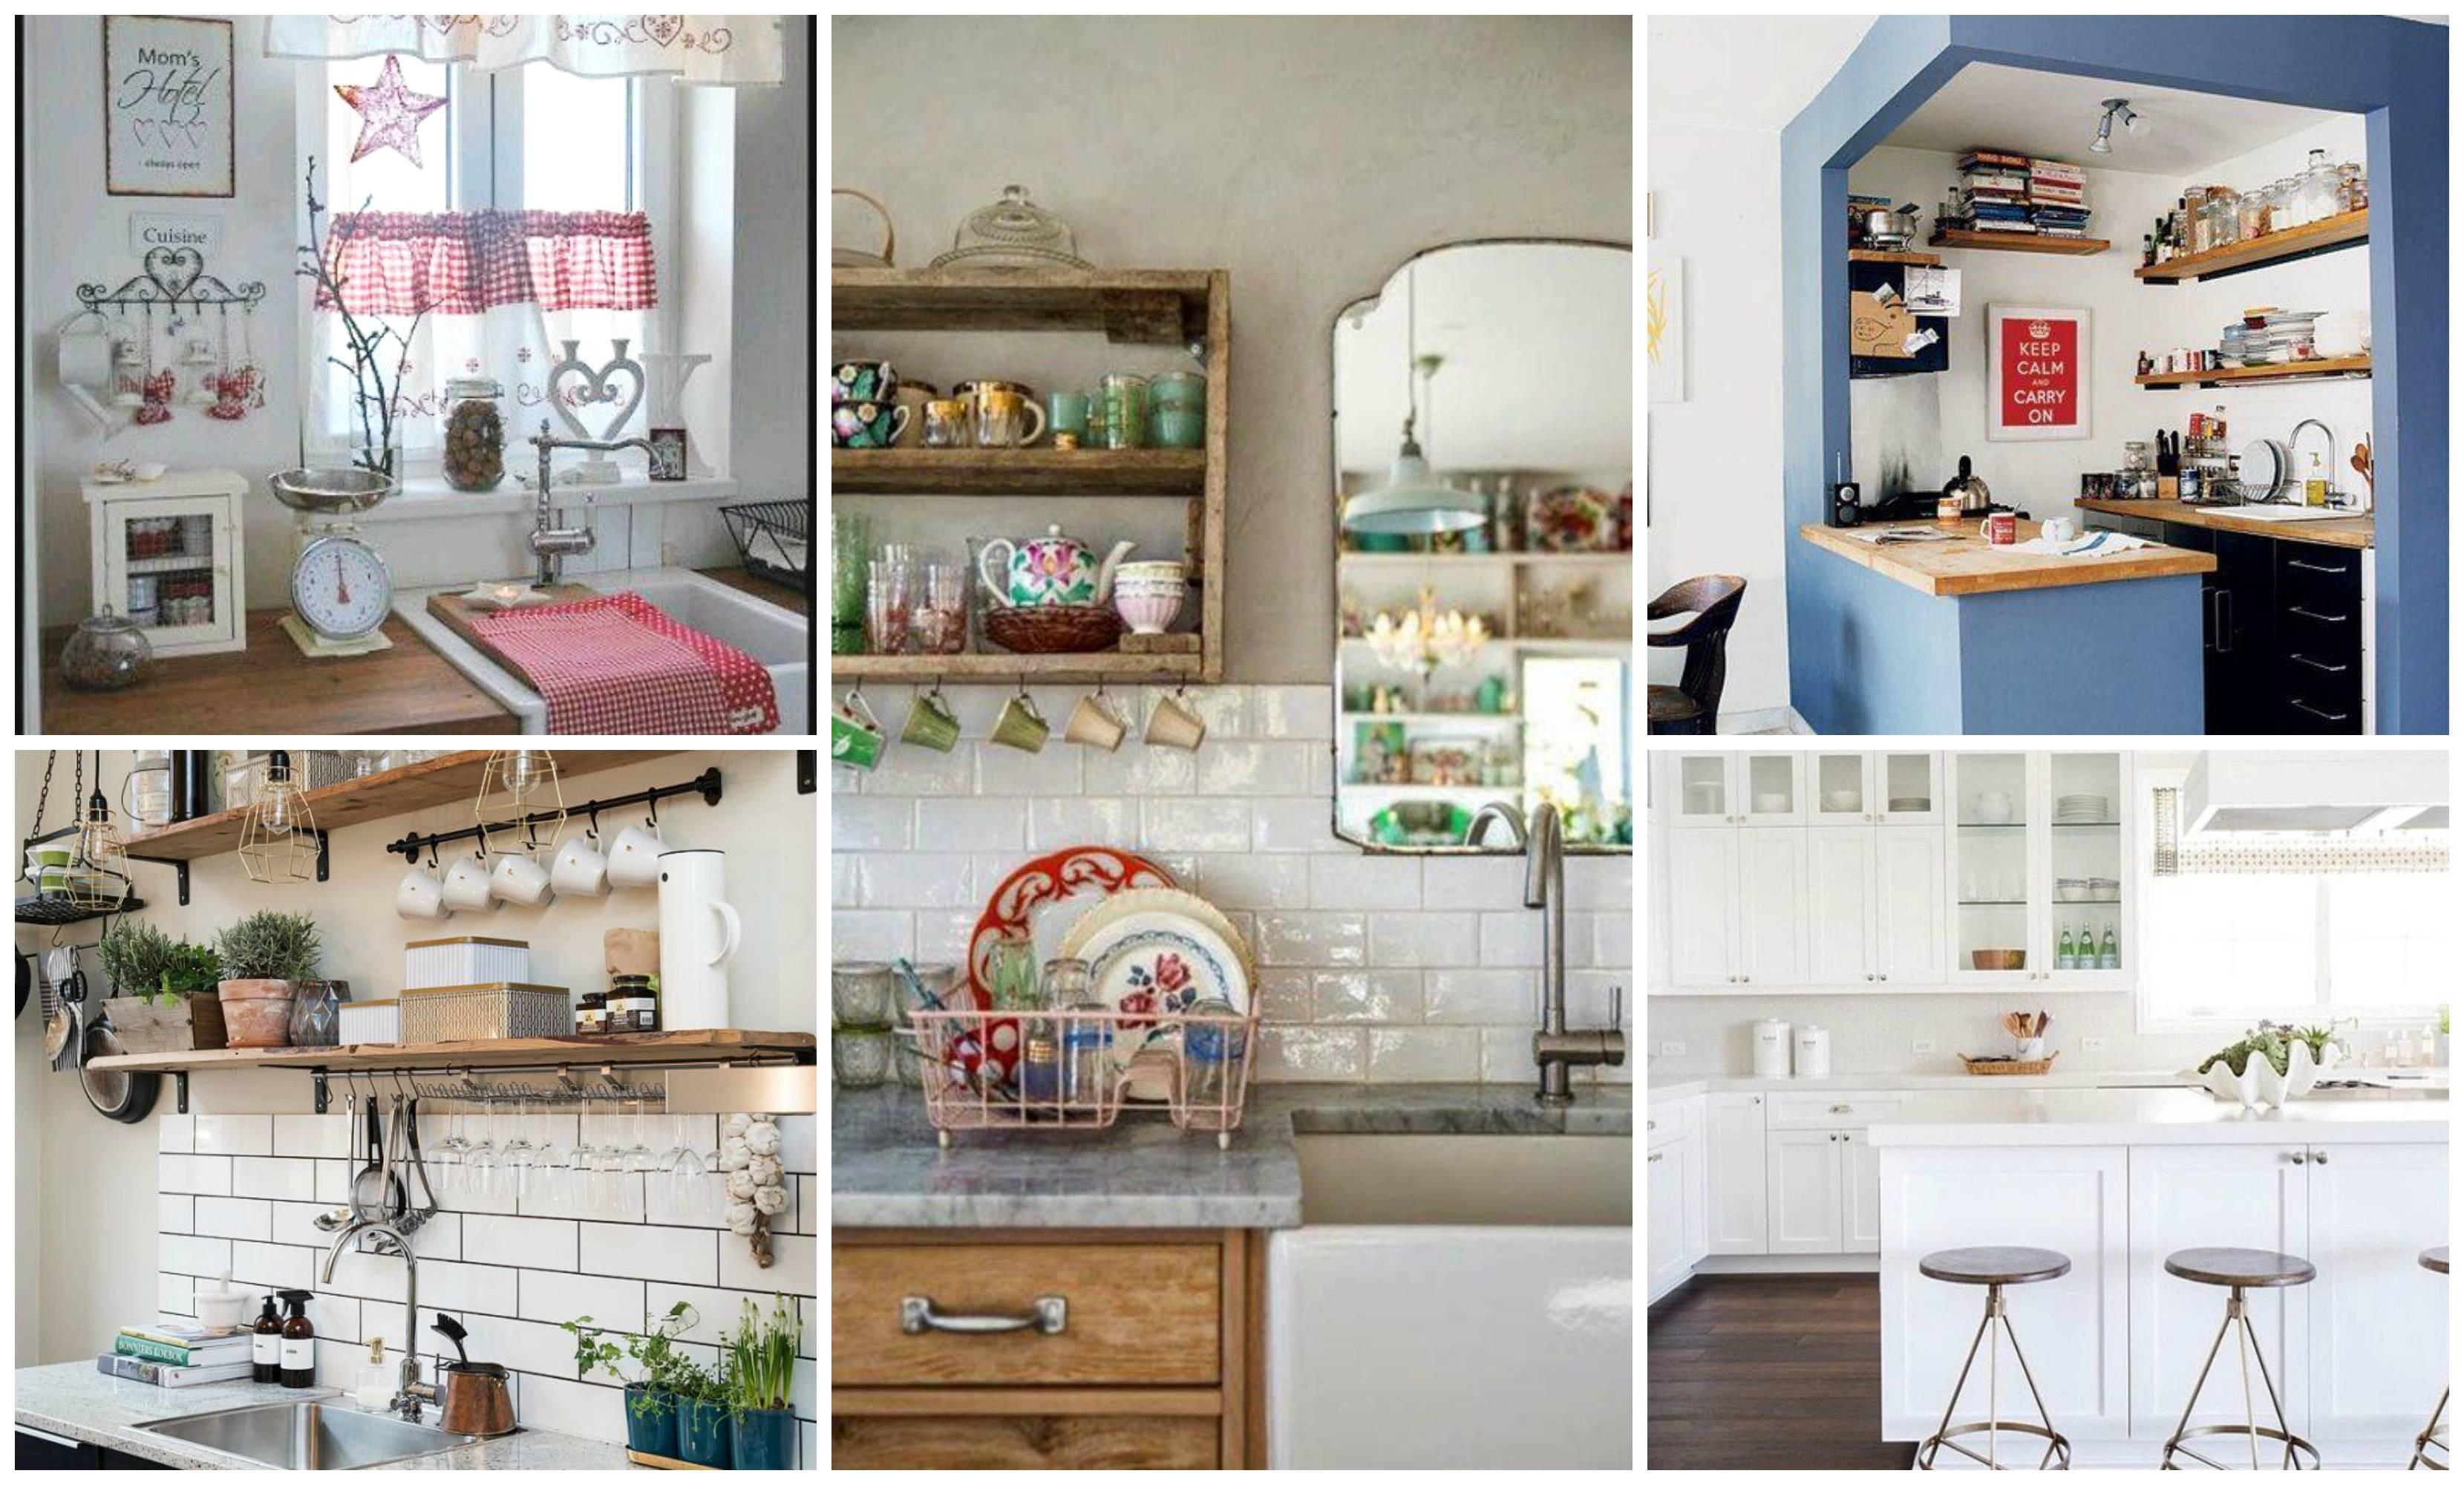 Test scegli una cucina ti dir chi sei - Quiz sulla cucina ...